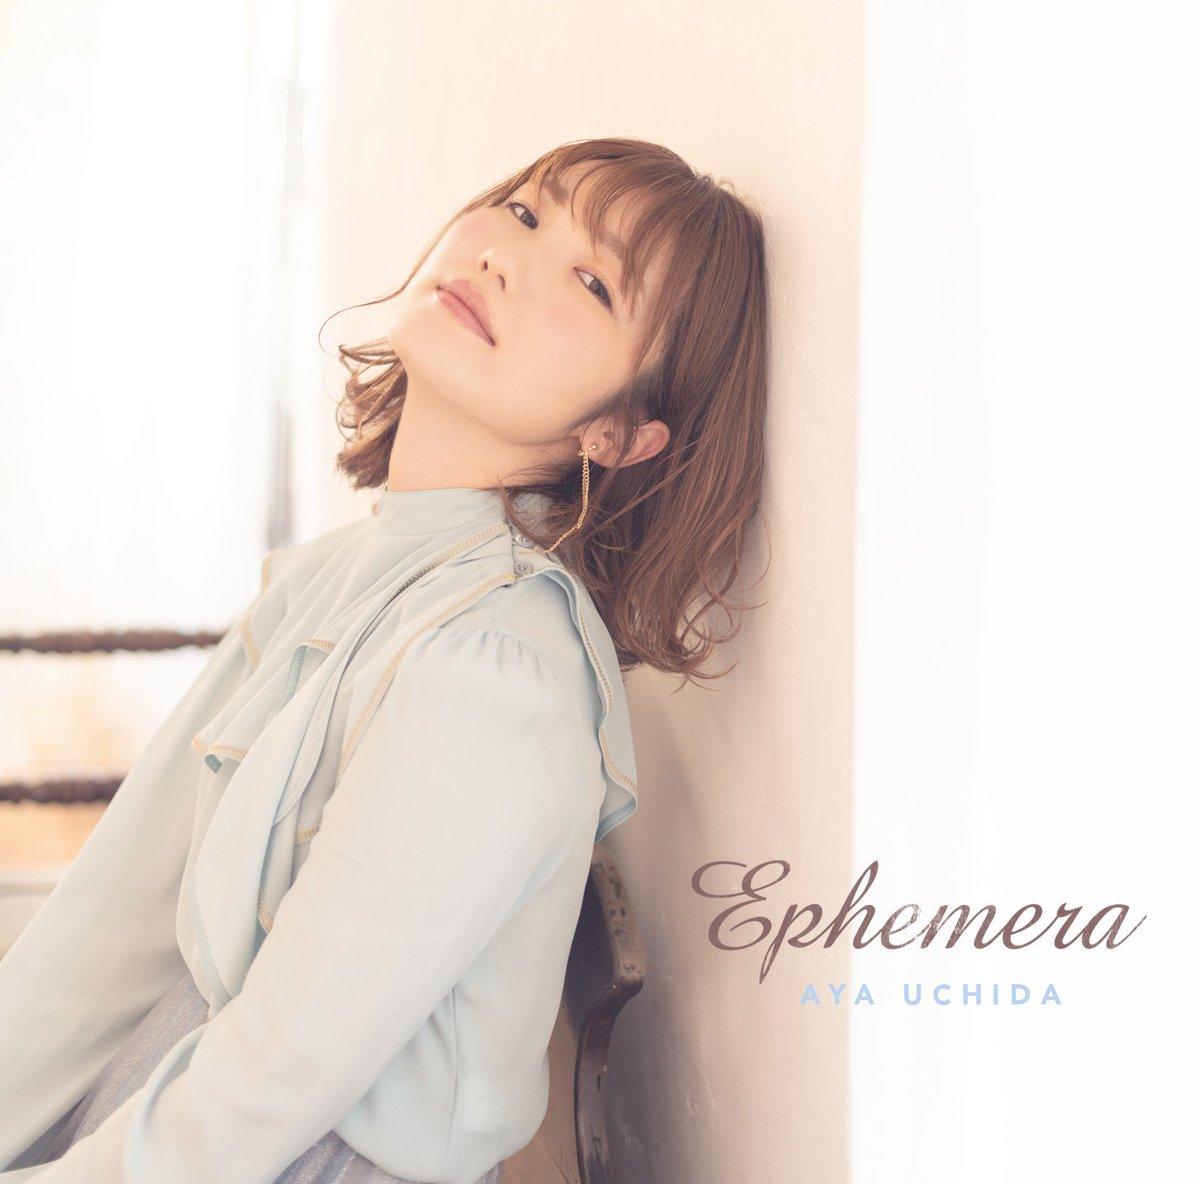 『内田彩 - ANSWER』収録の『Ephemera』ジャケット